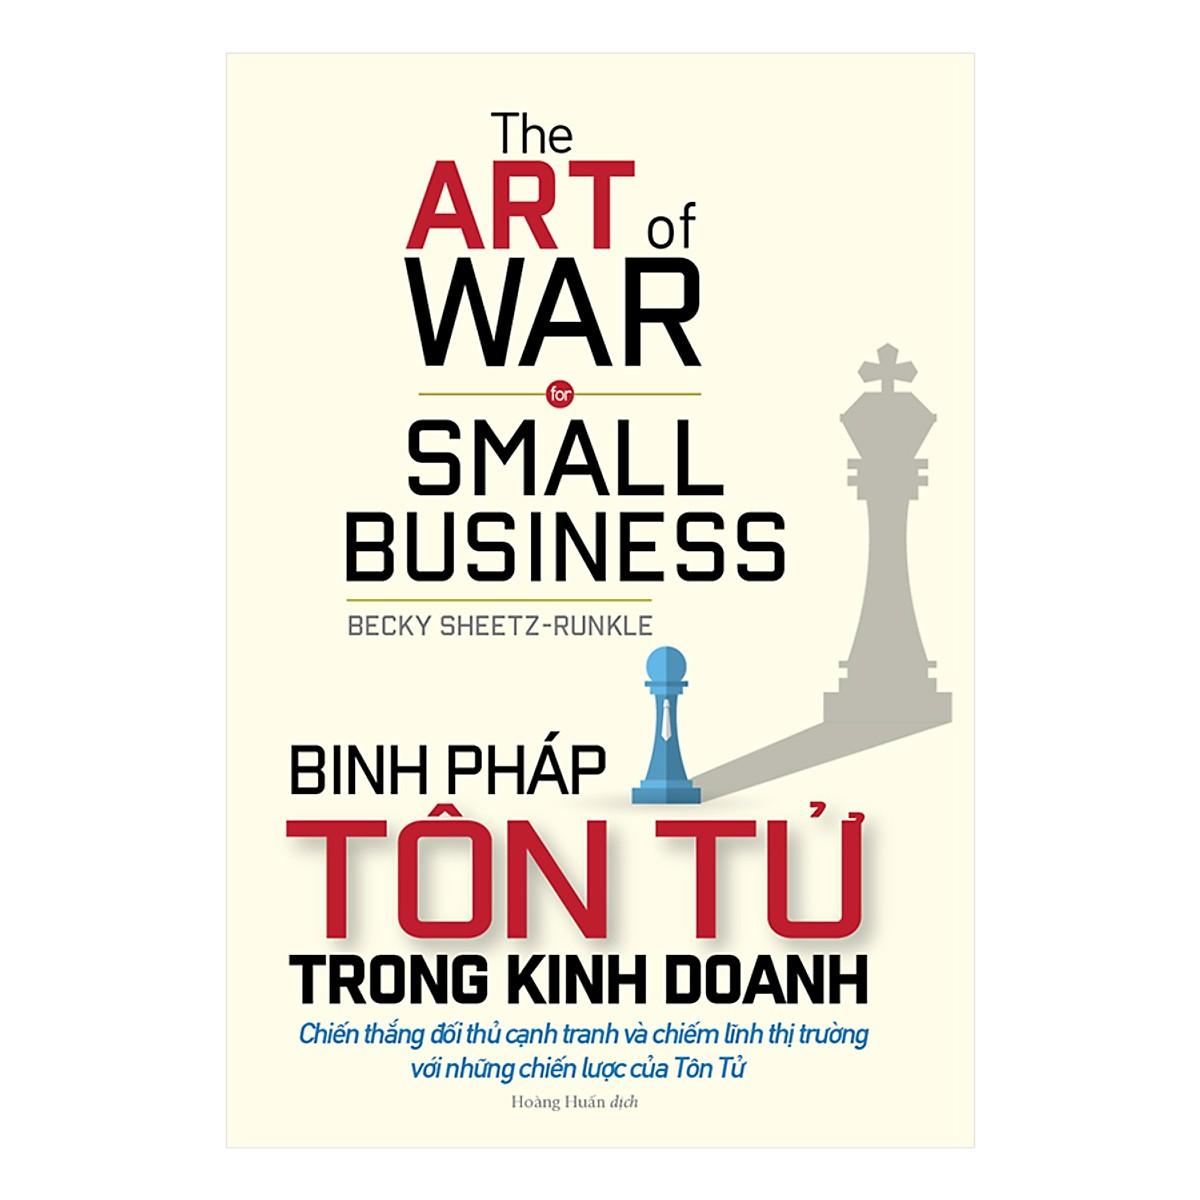 Binh pháp Tôn Tử trong kinh doanh